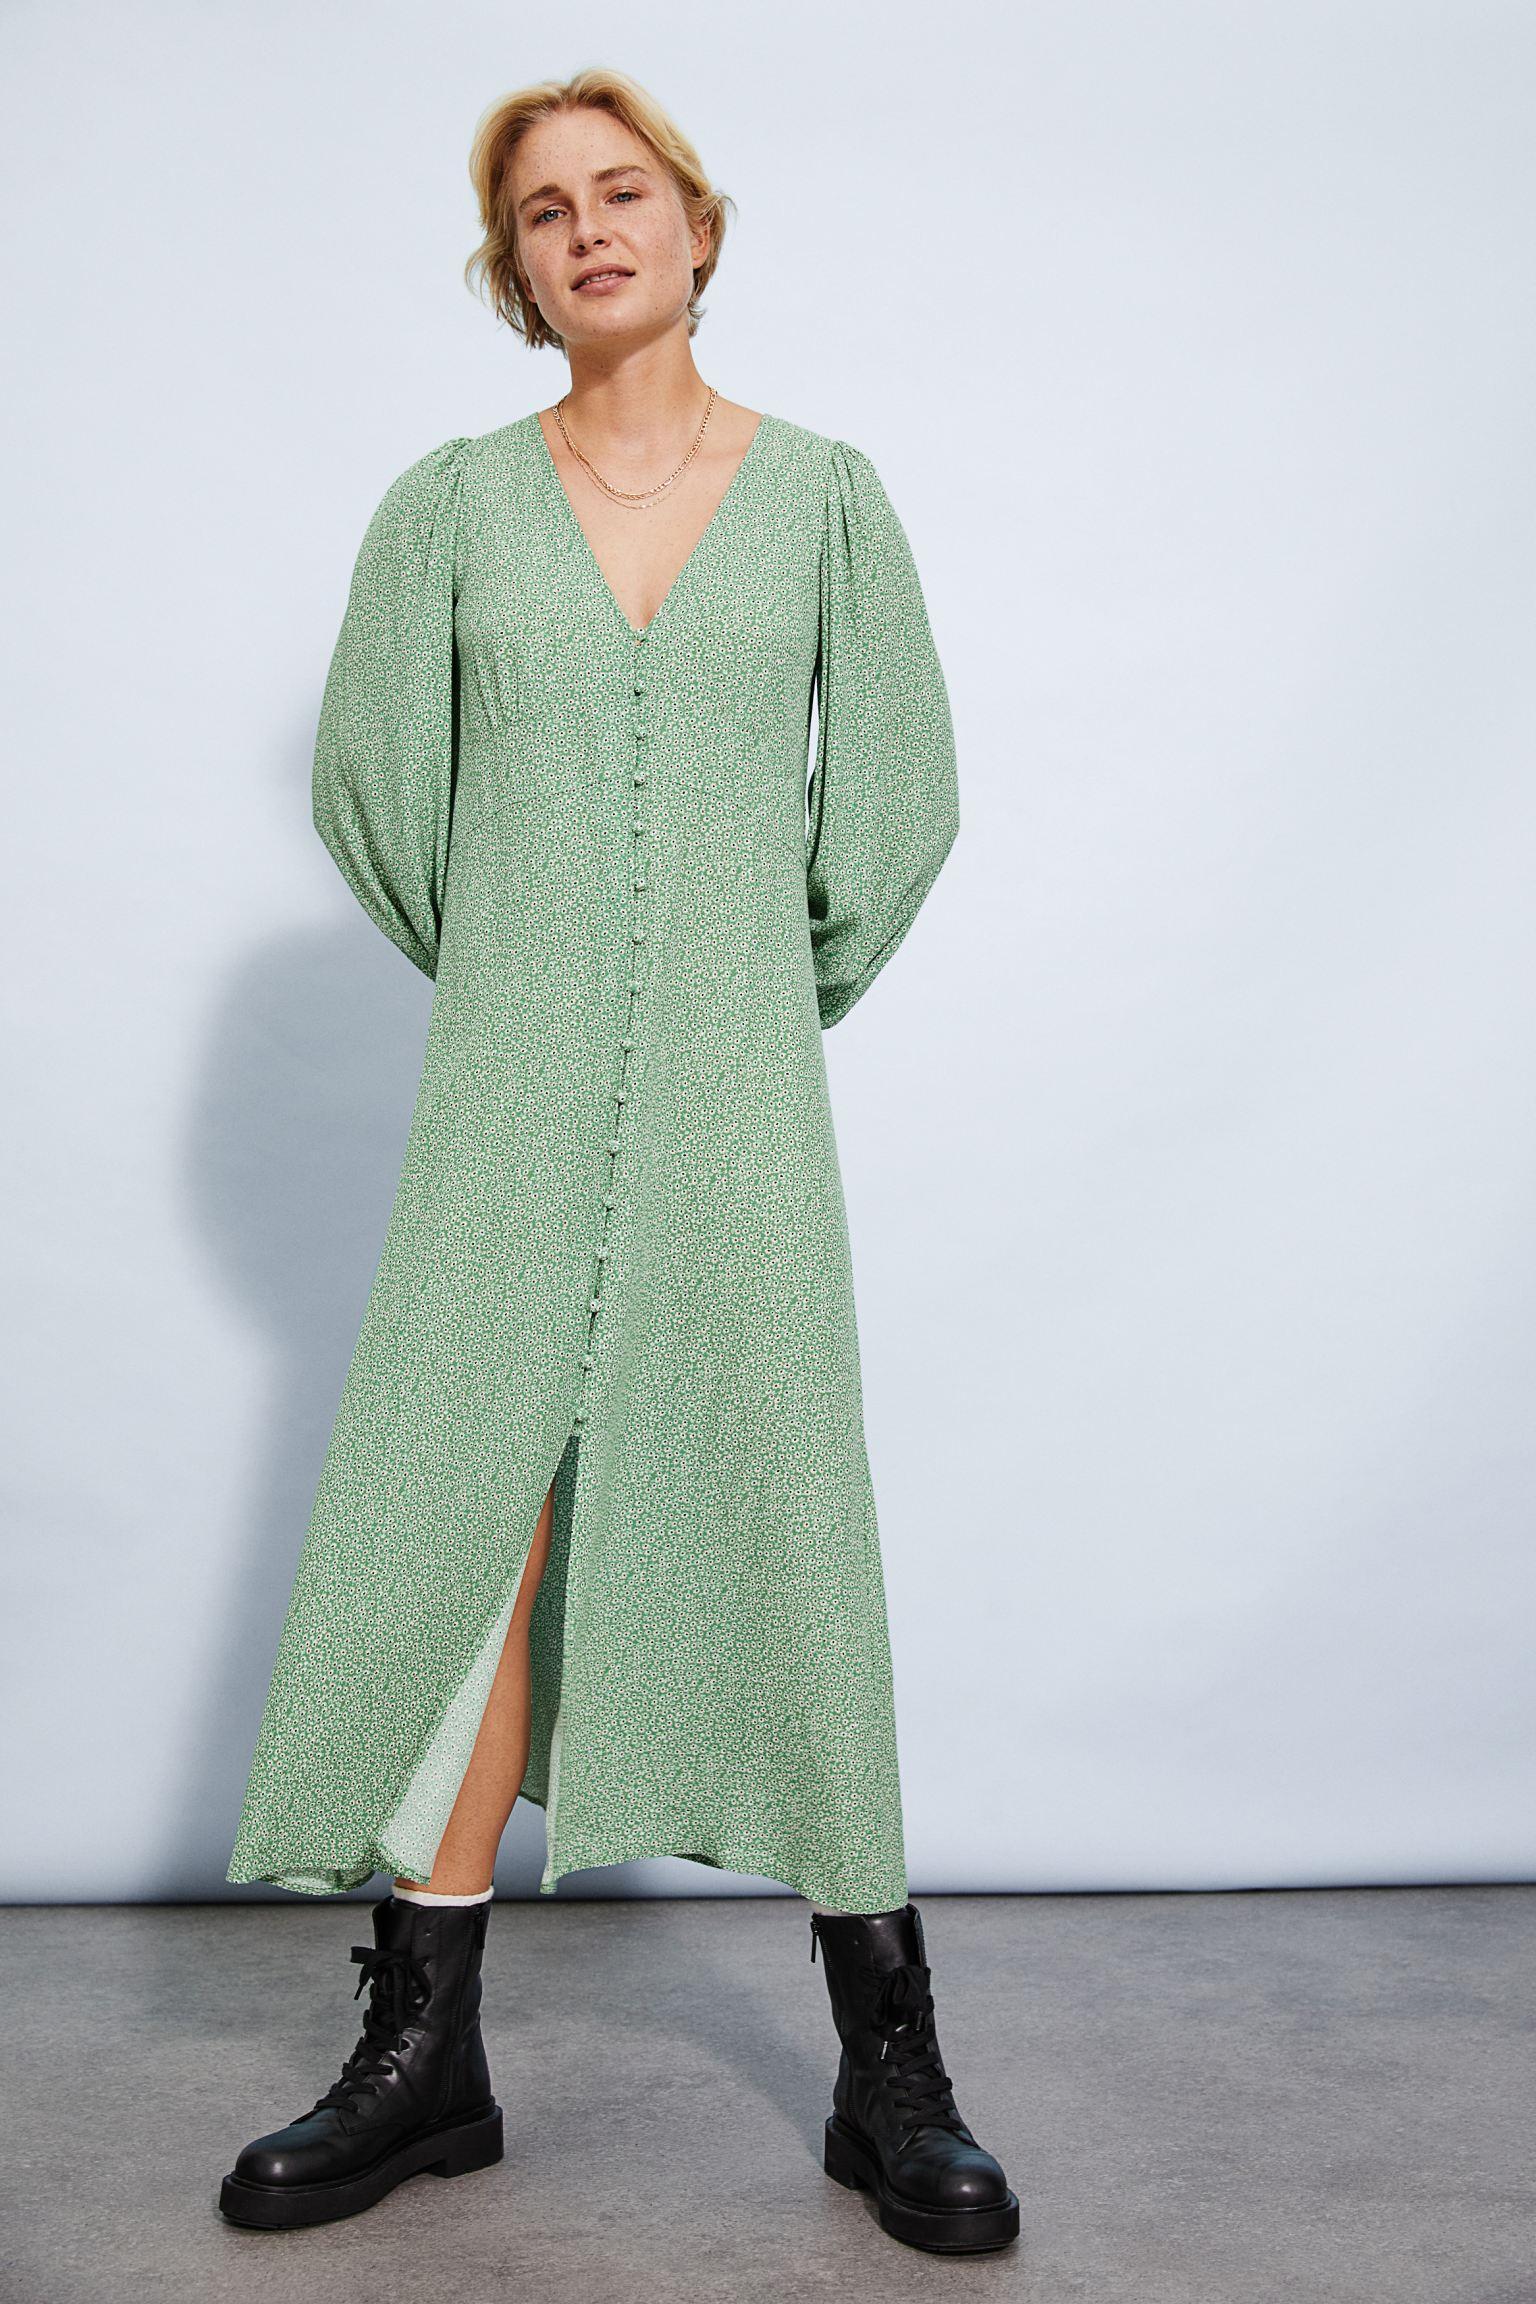 Vestido midi en viscosa estampada con escote de pico pronunciado y cierre de botones revestidos.